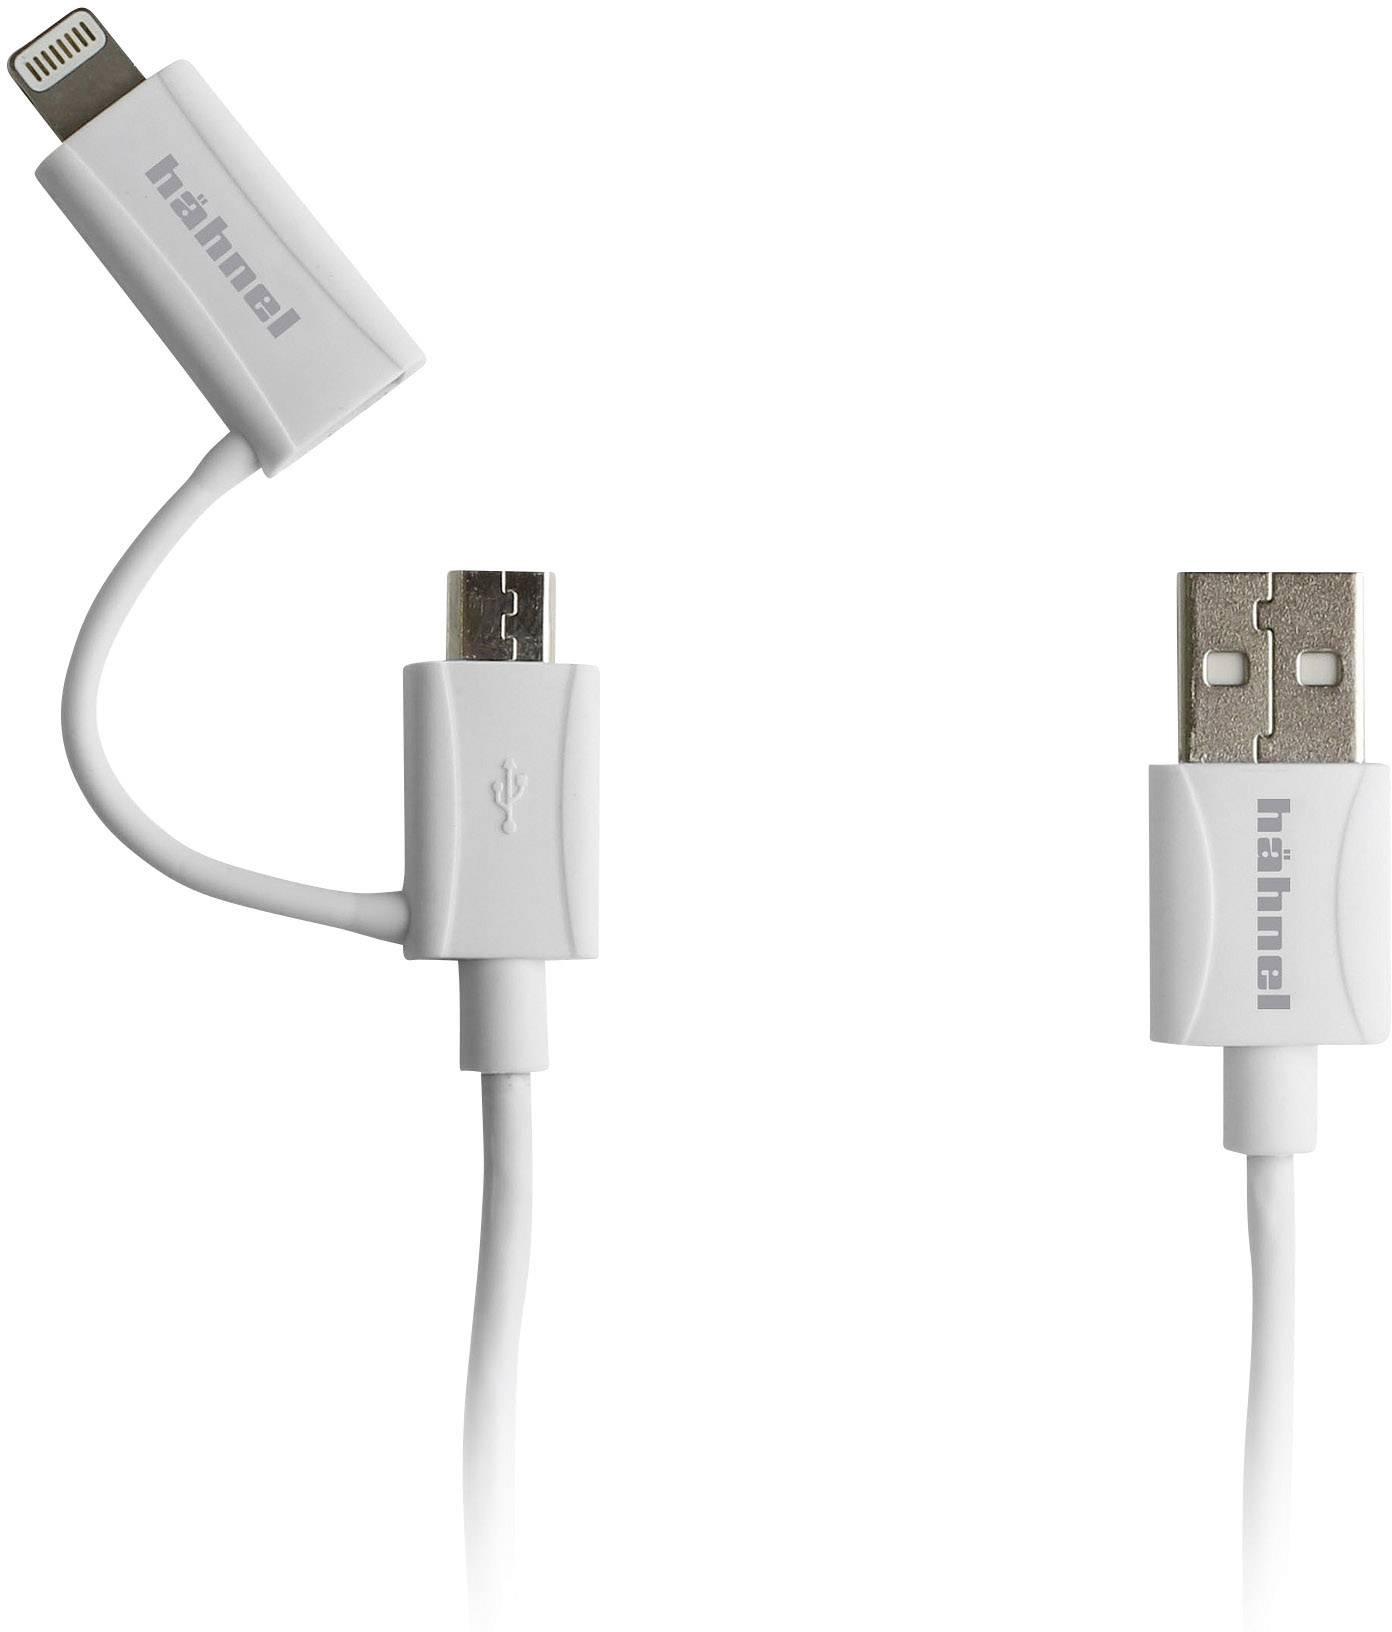 Kabel USB ⇔ microUSB/Apple Lightning Hähnel 2 v 1